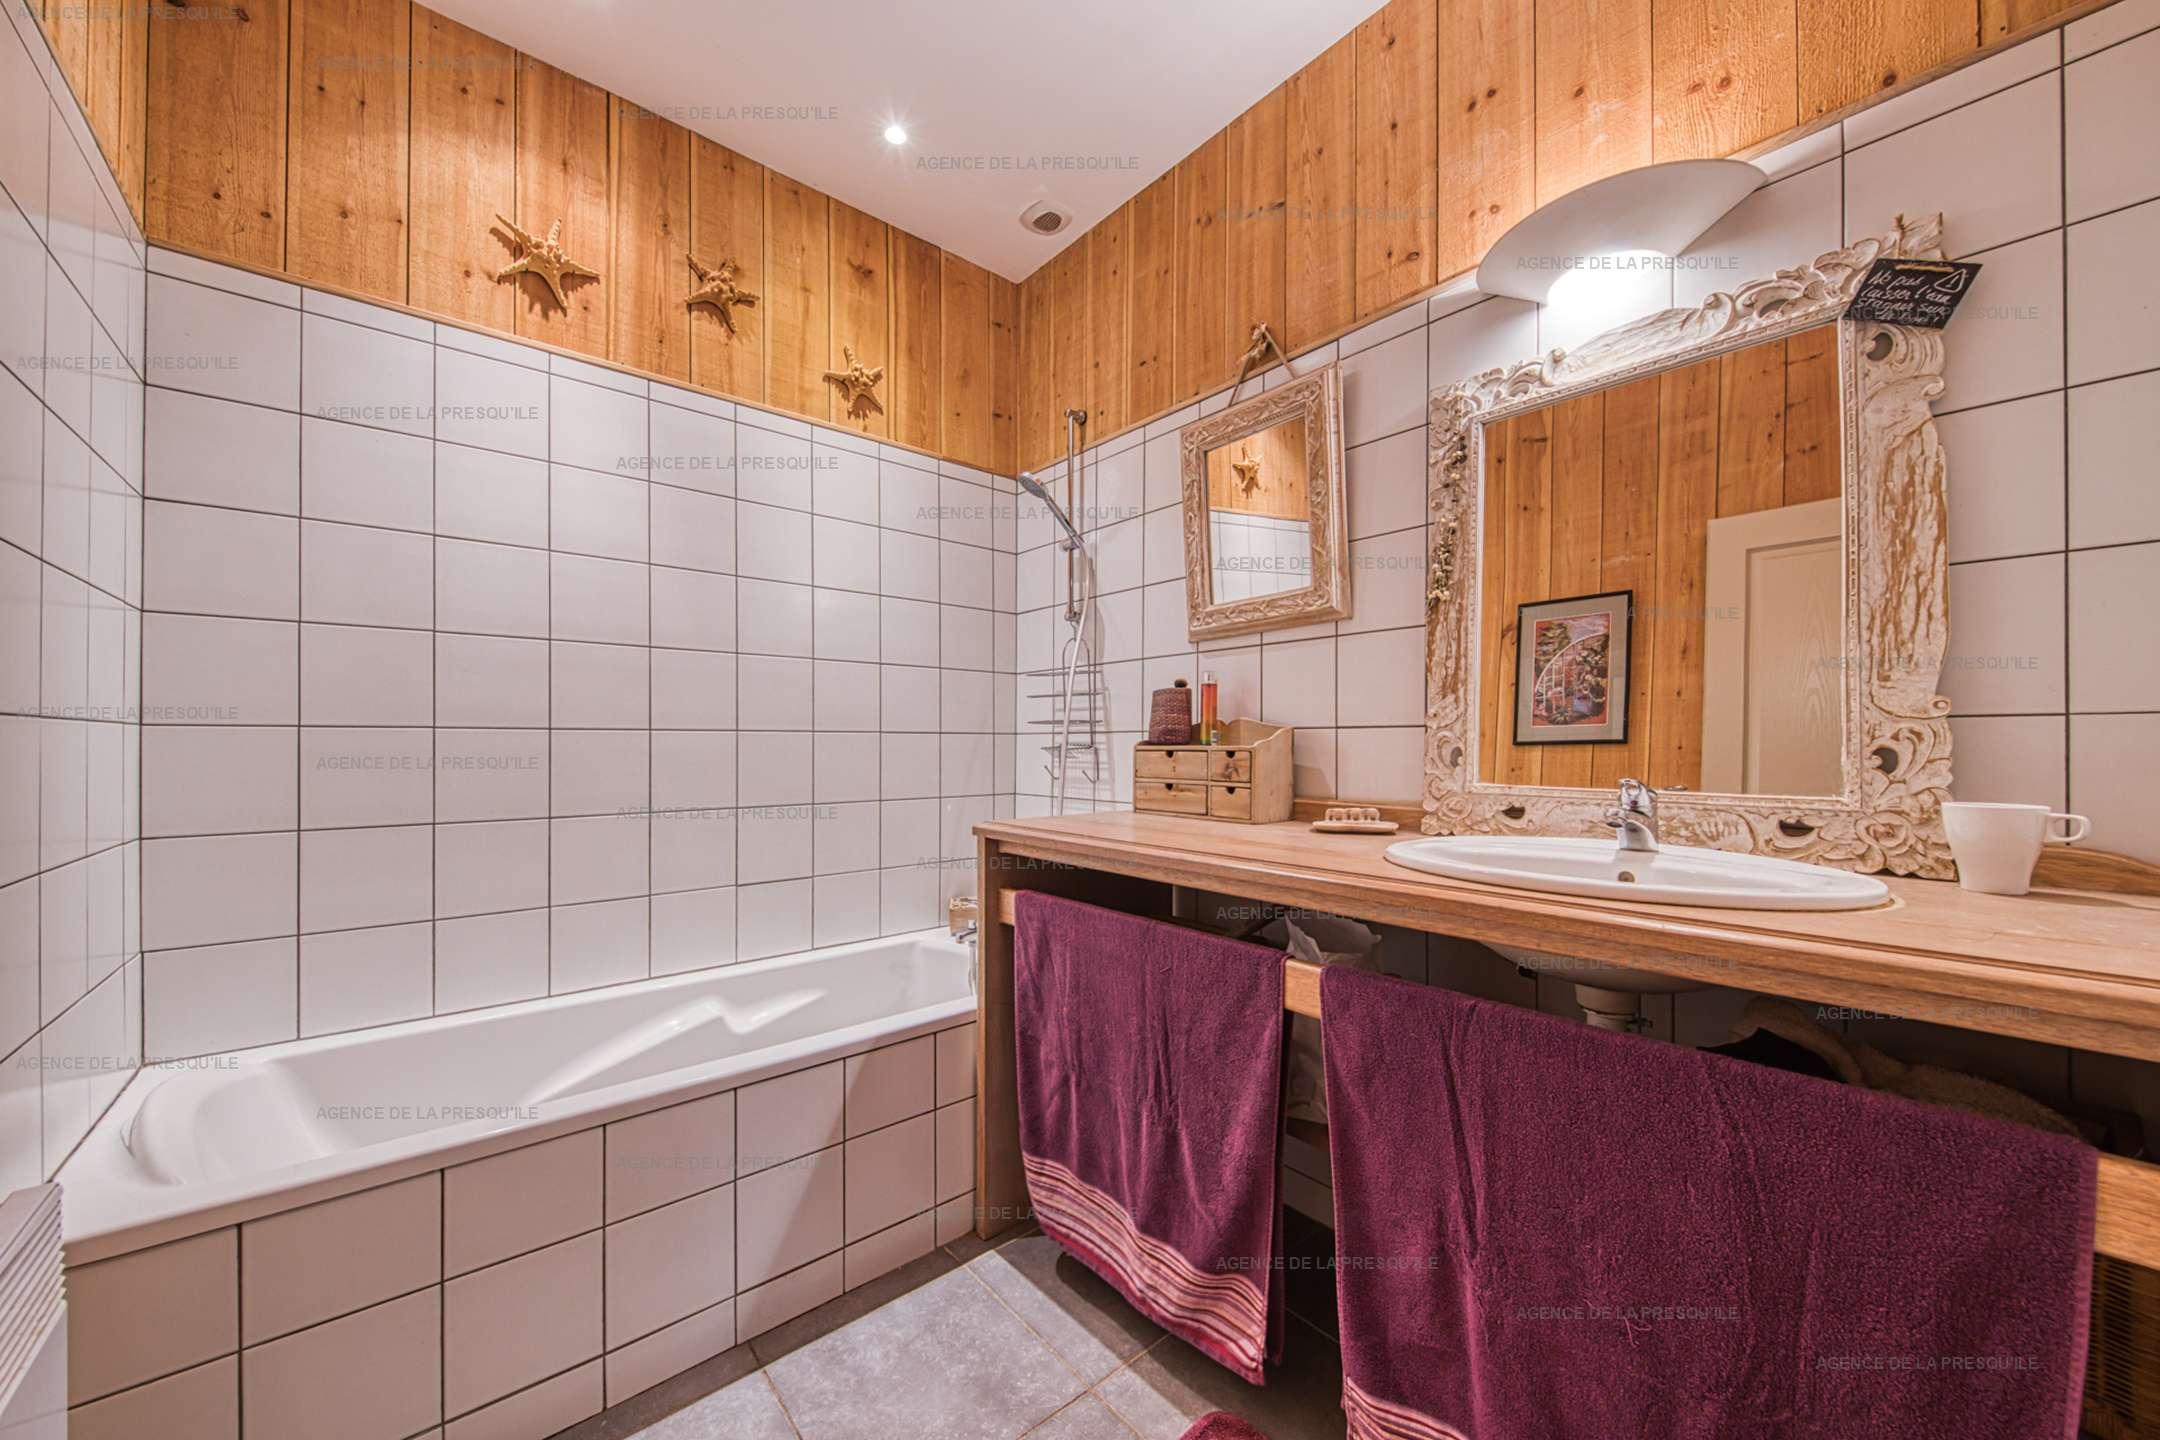 Location: Belle villa en bois au pied du phare 11